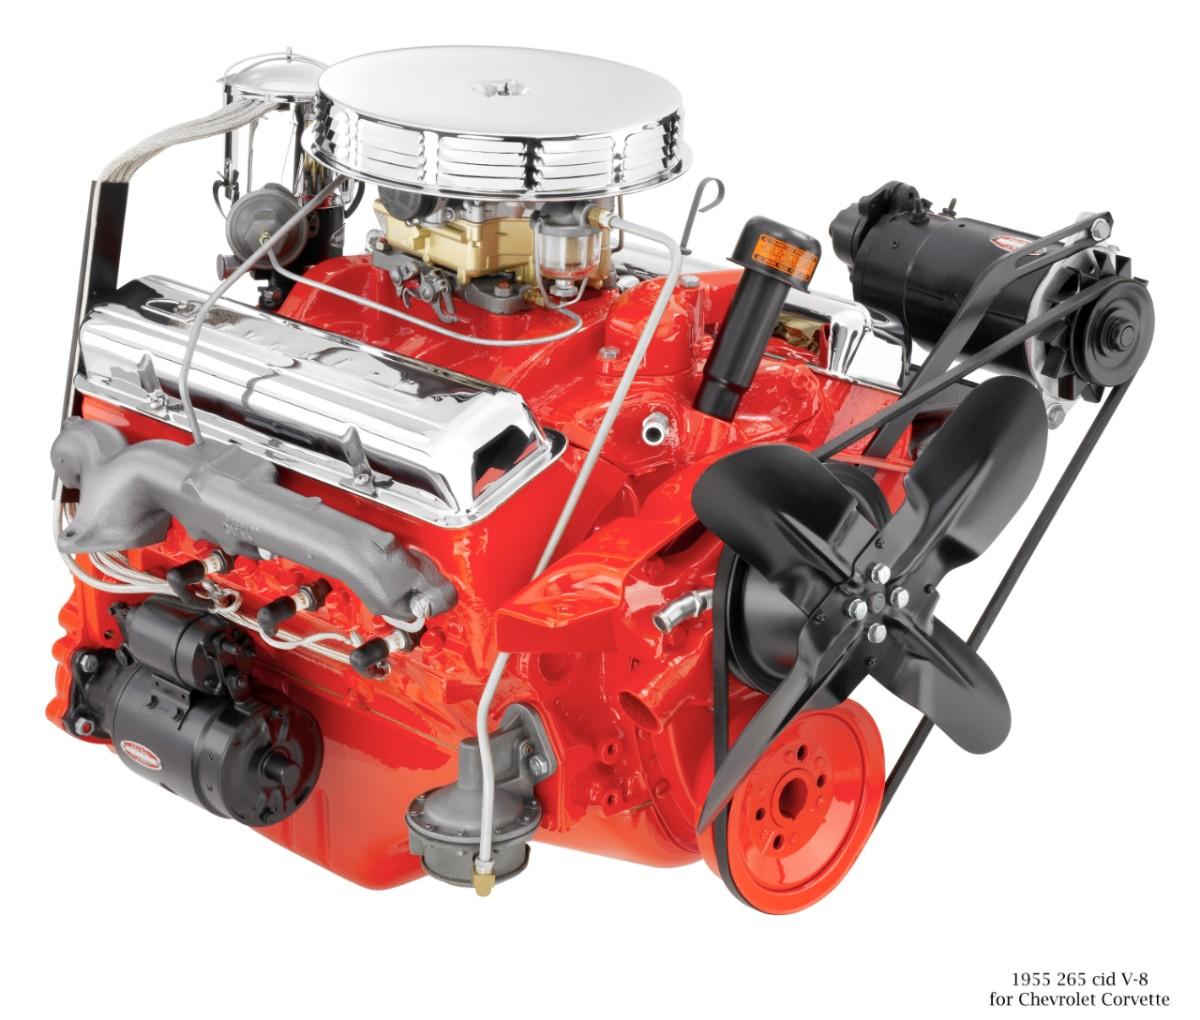 Small Block V 8 Is The Heart Of Chevrolet Corvette